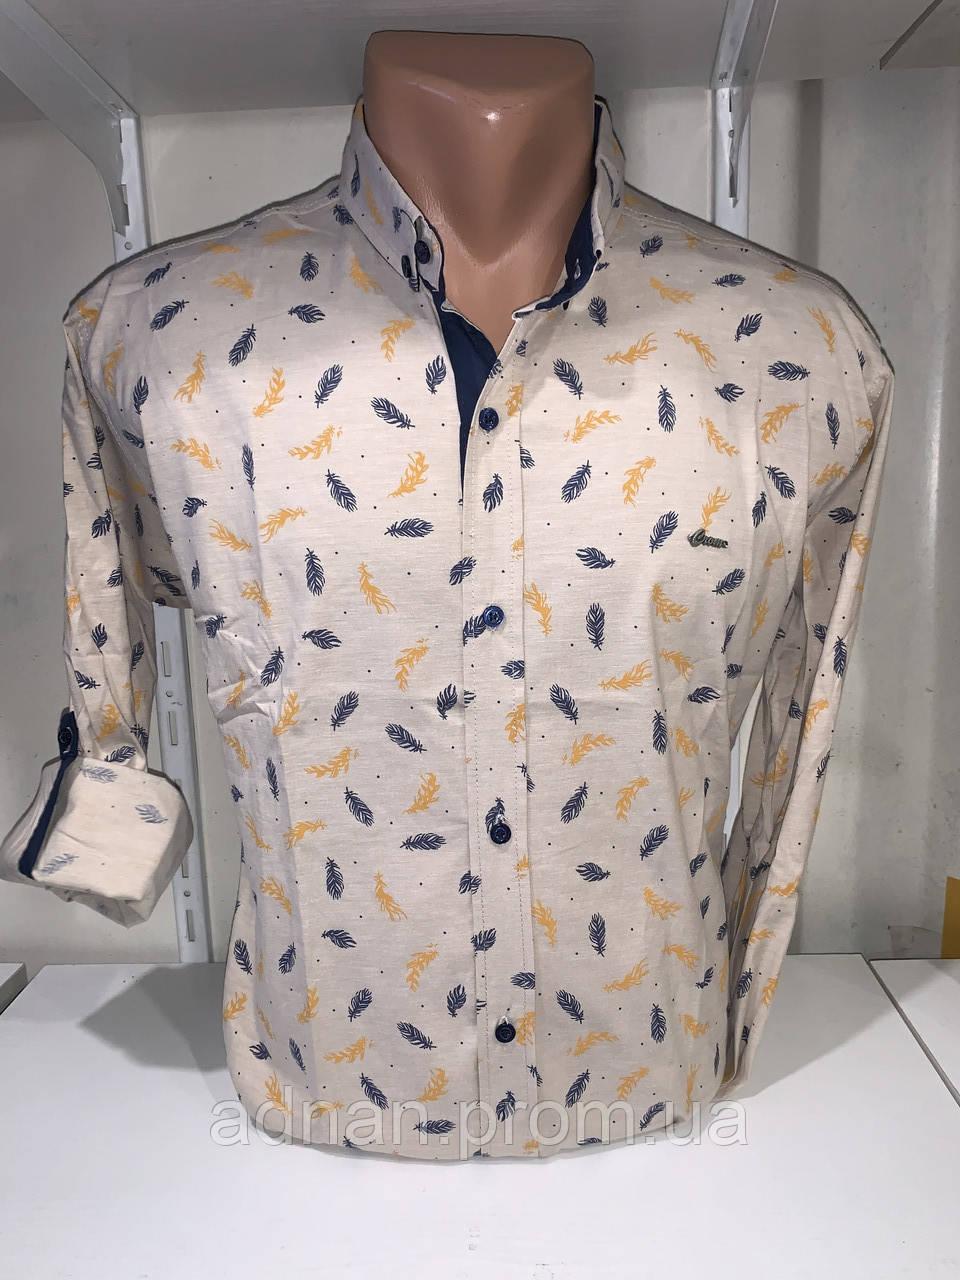 Рубашка мужская, X-Joker стрейч котон.рукав трансформер, узор - перо 2312.010 /купить рубашку